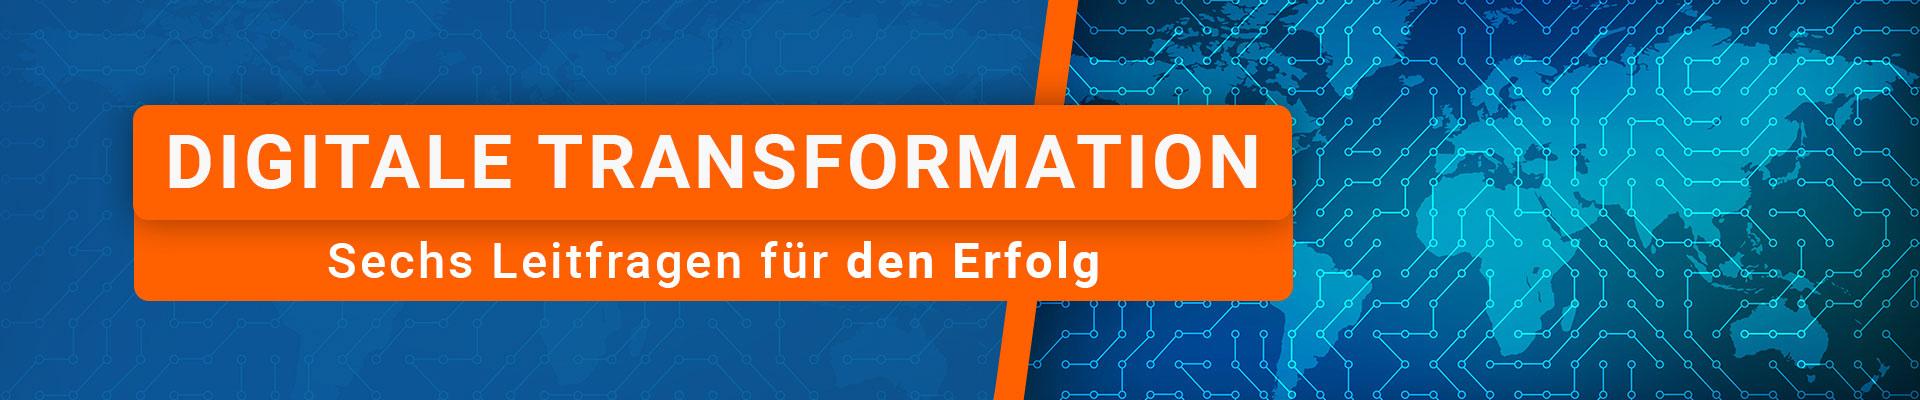 digitale-transformation-sechs-leitfragen-header